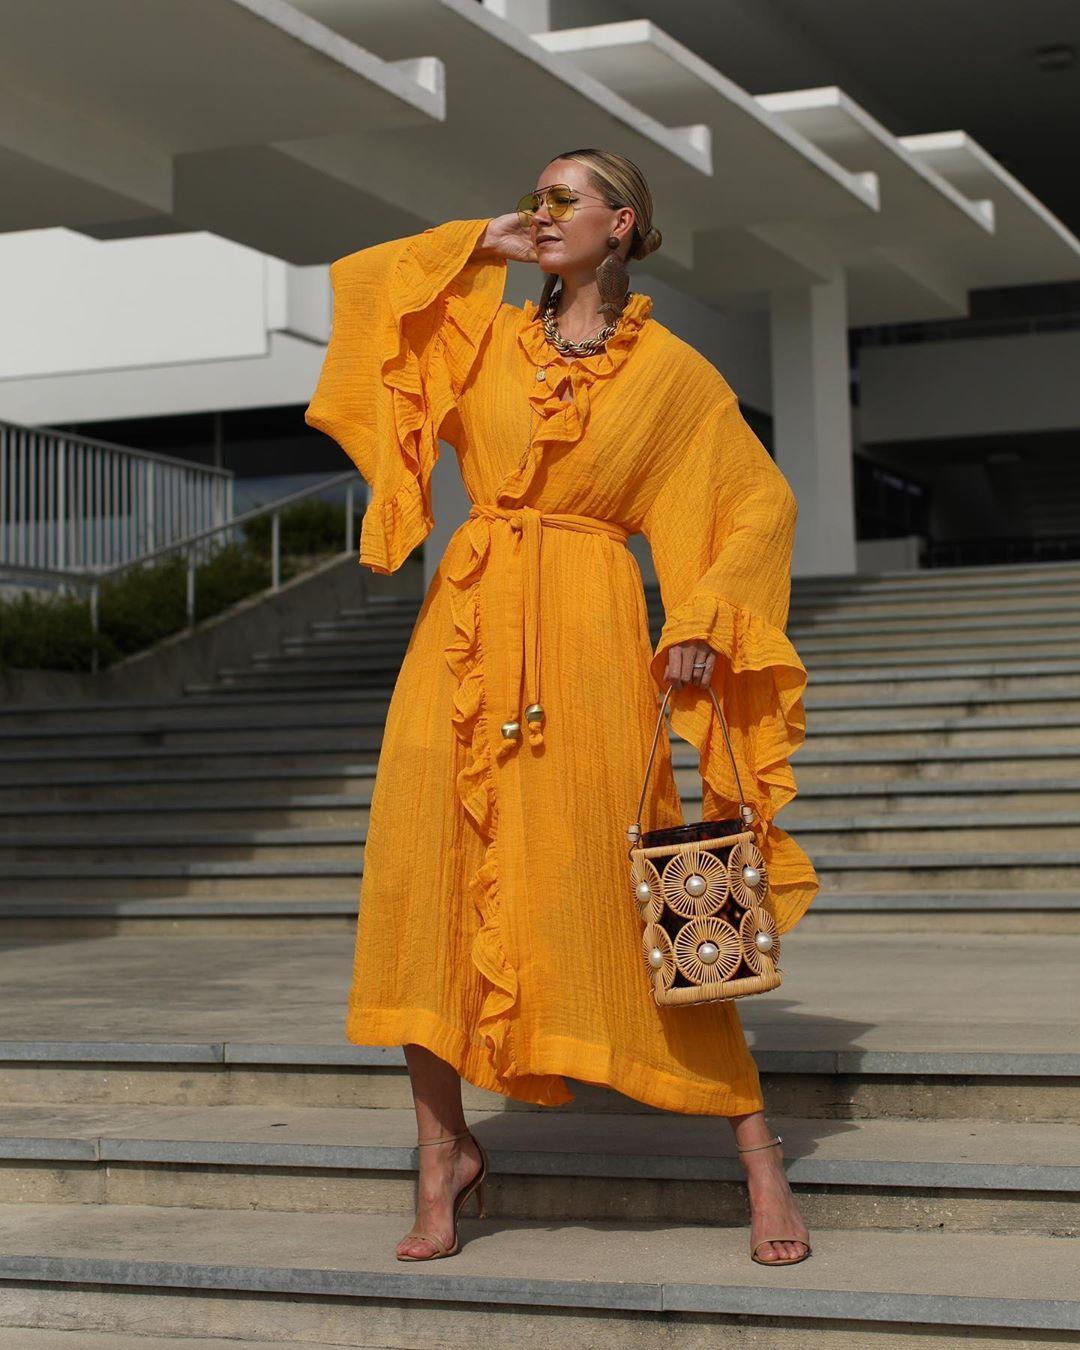 đầm màu vàng saffron theo phong các maximalism